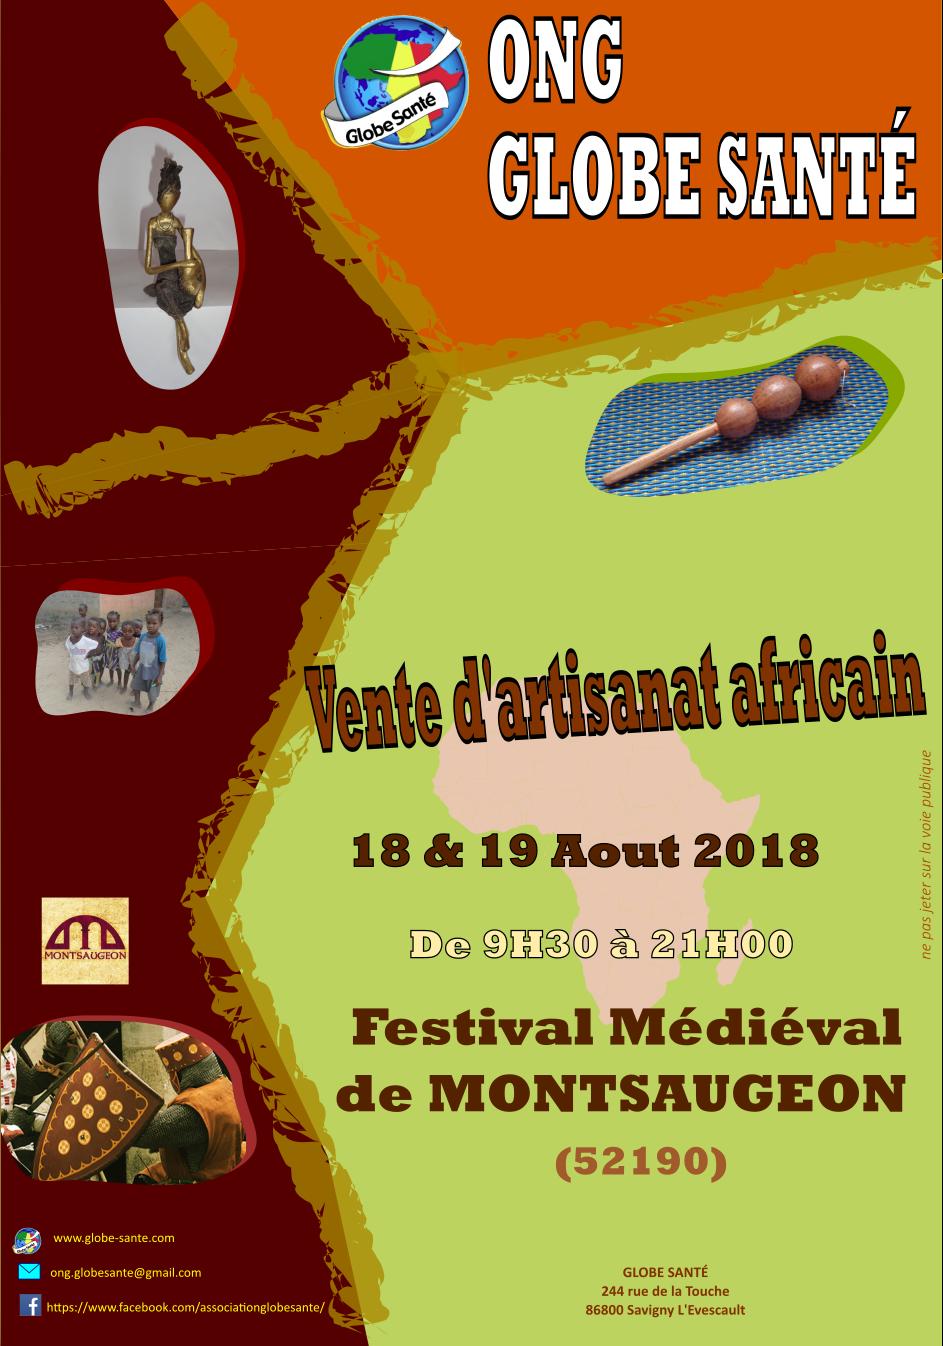 Vente Artisanat du Bénin: Festival médiéval de MONTSAUGEON en haute marne